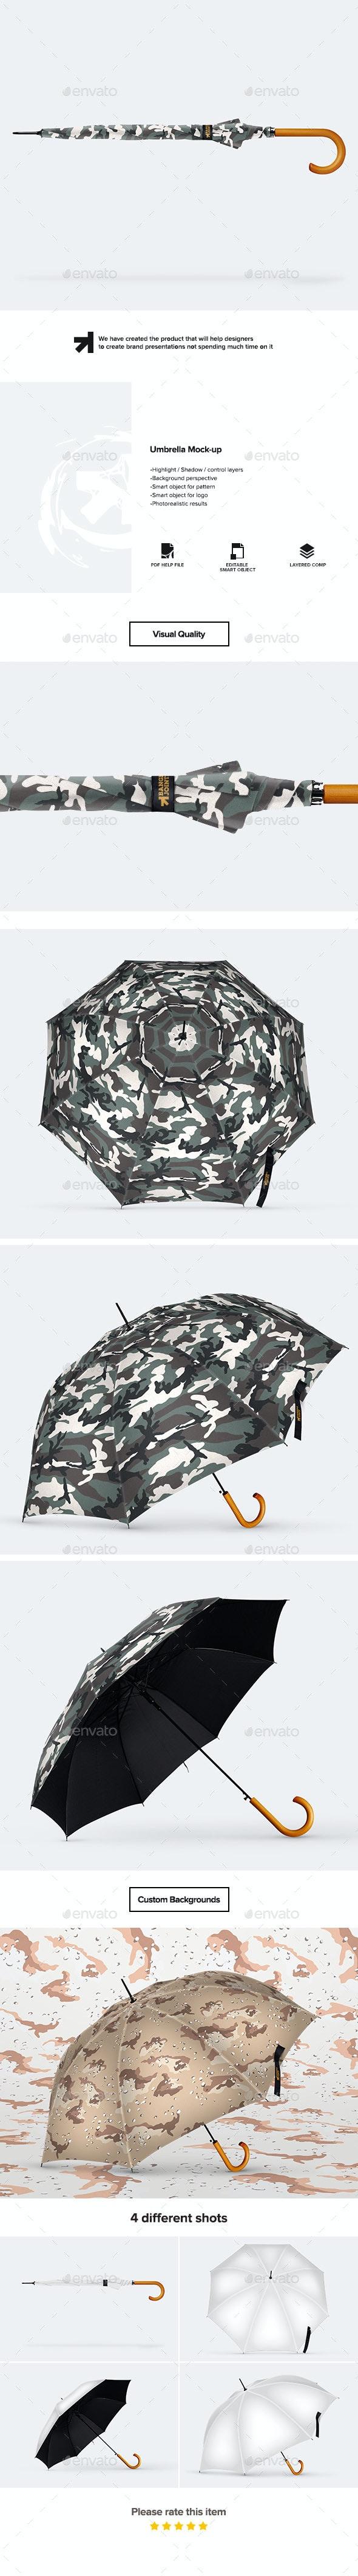 Umbrella Mockup - Miscellaneous Product Mock-Ups